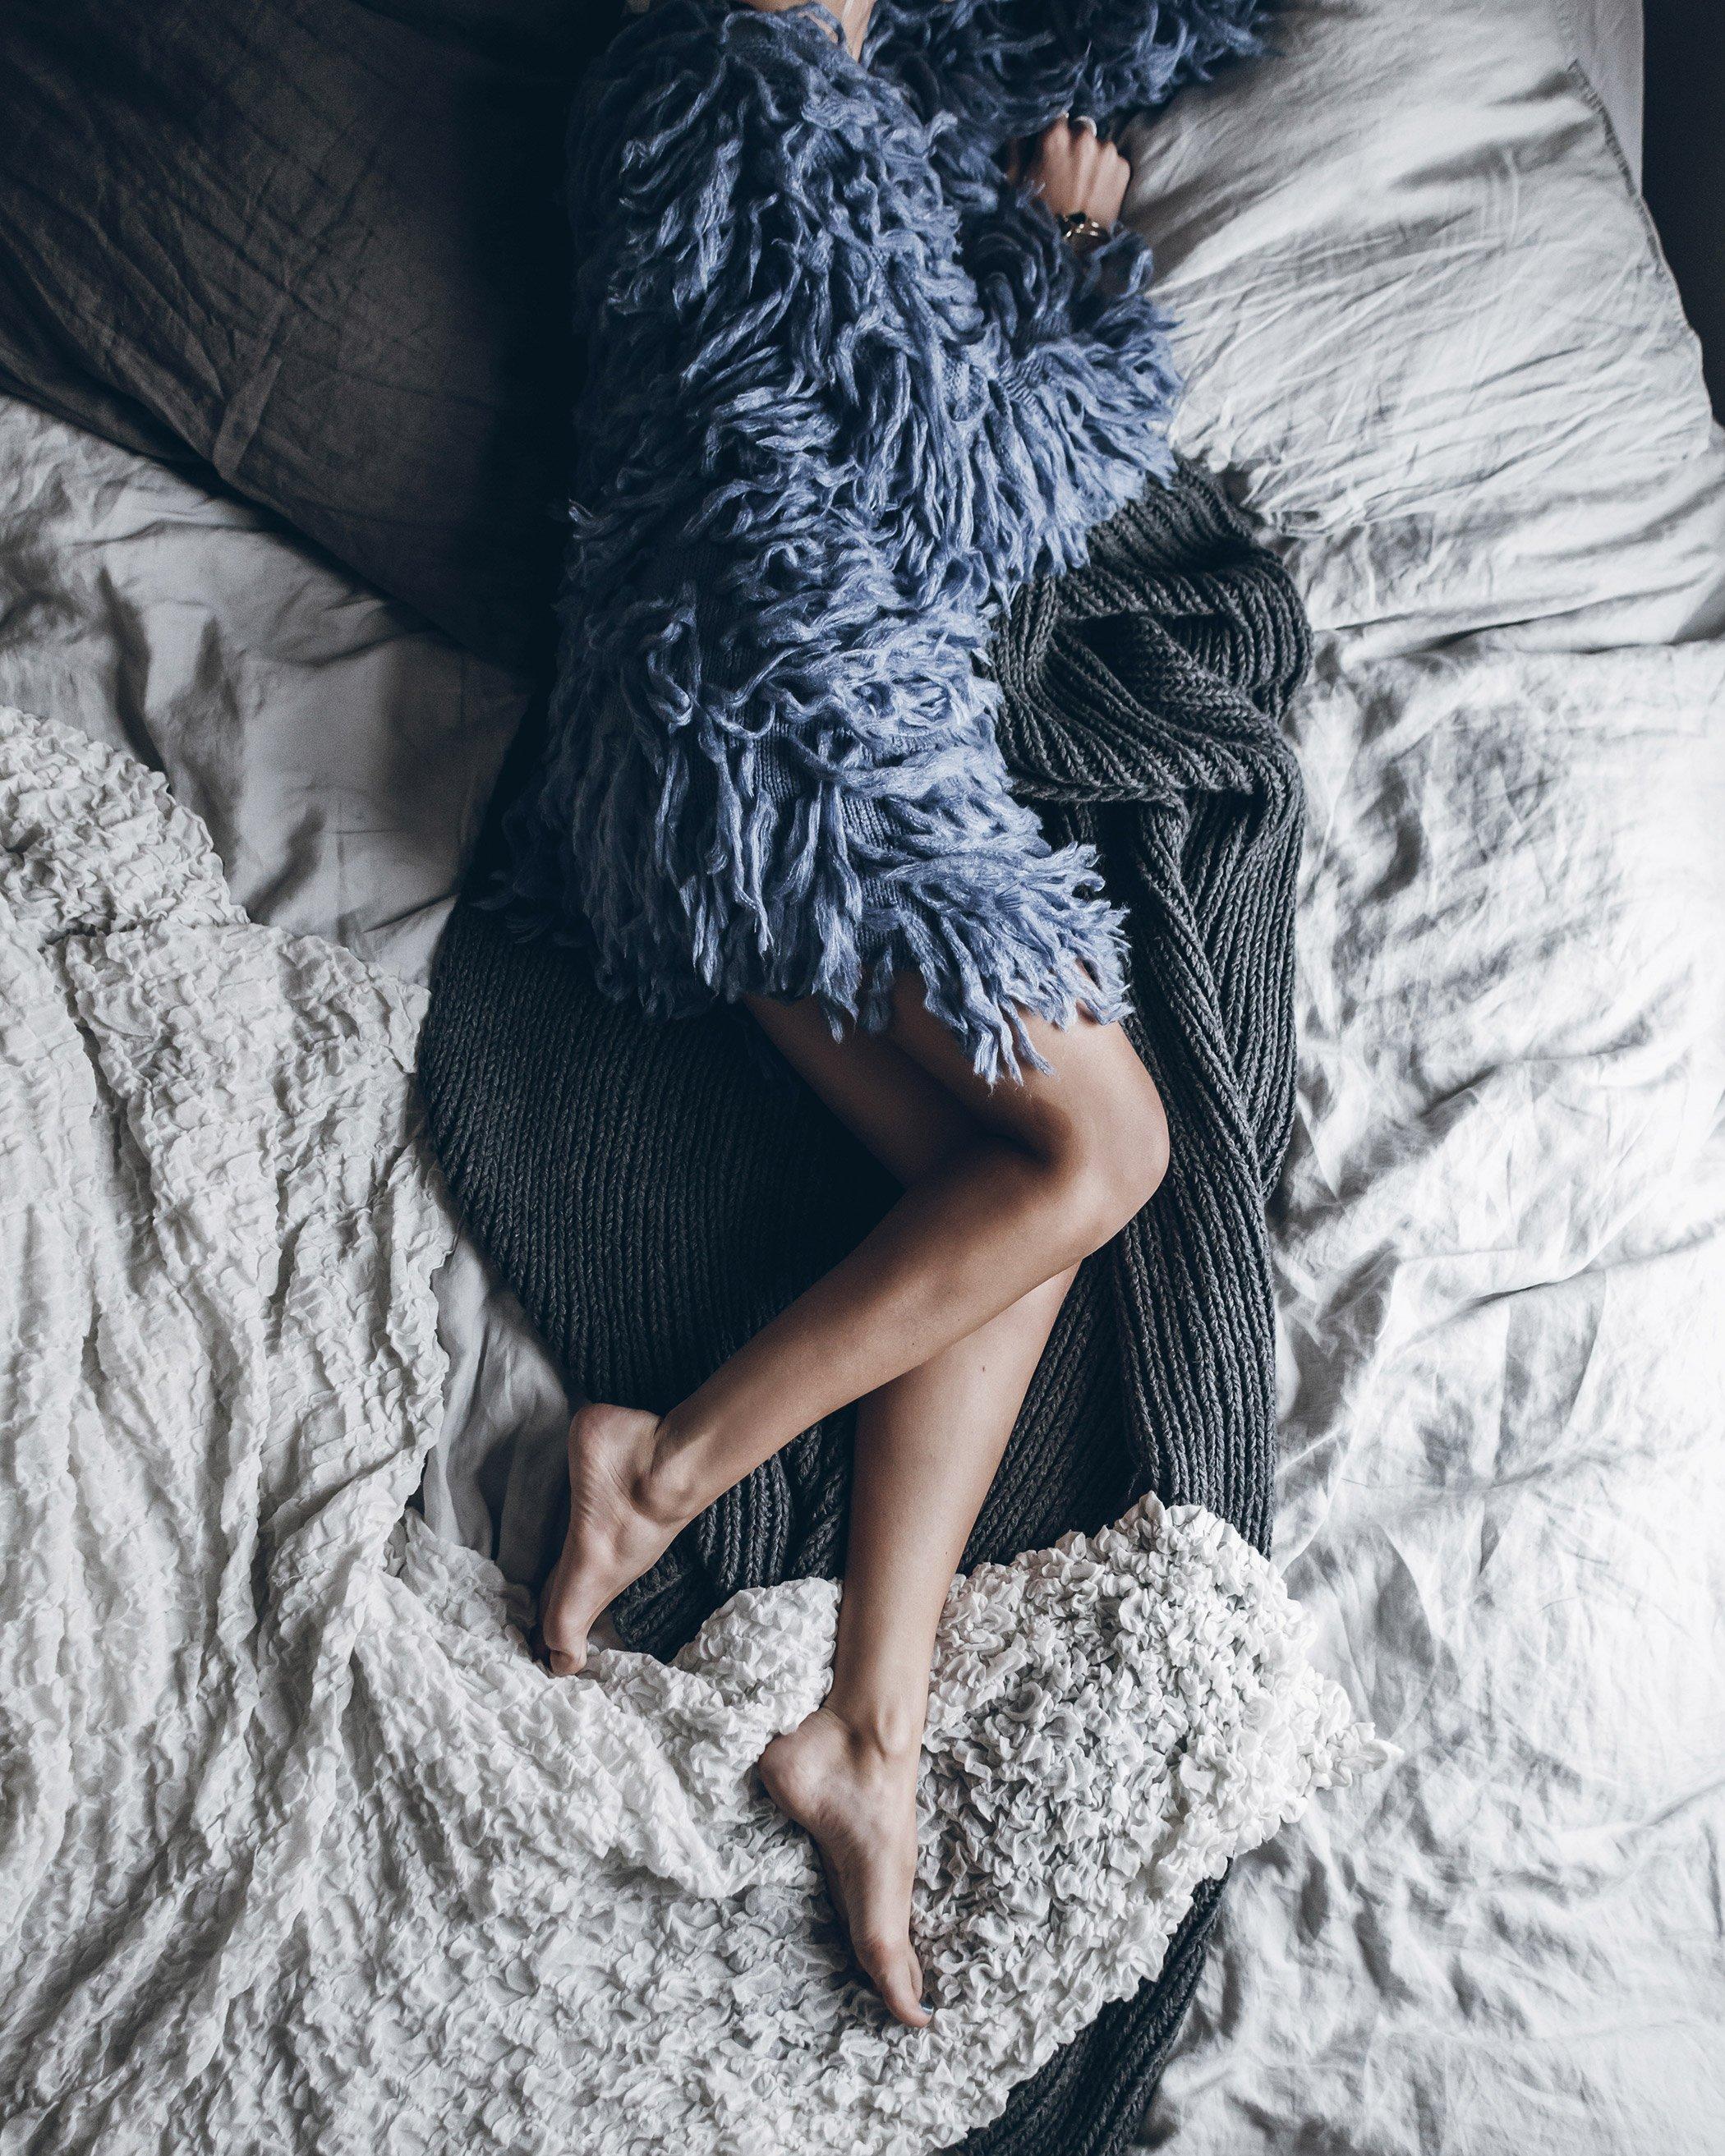 mikuta-muun-mattress-11